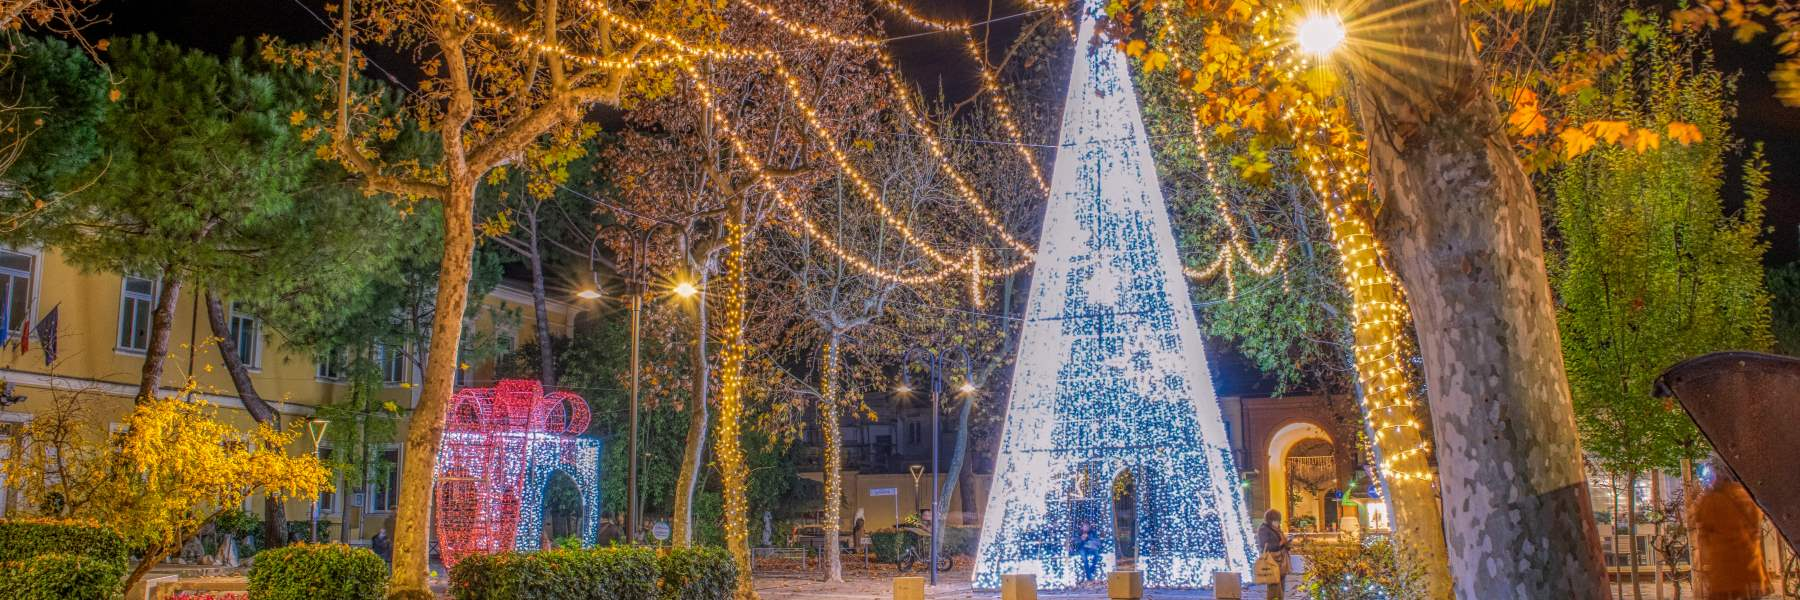 Weihnachten in Cervia